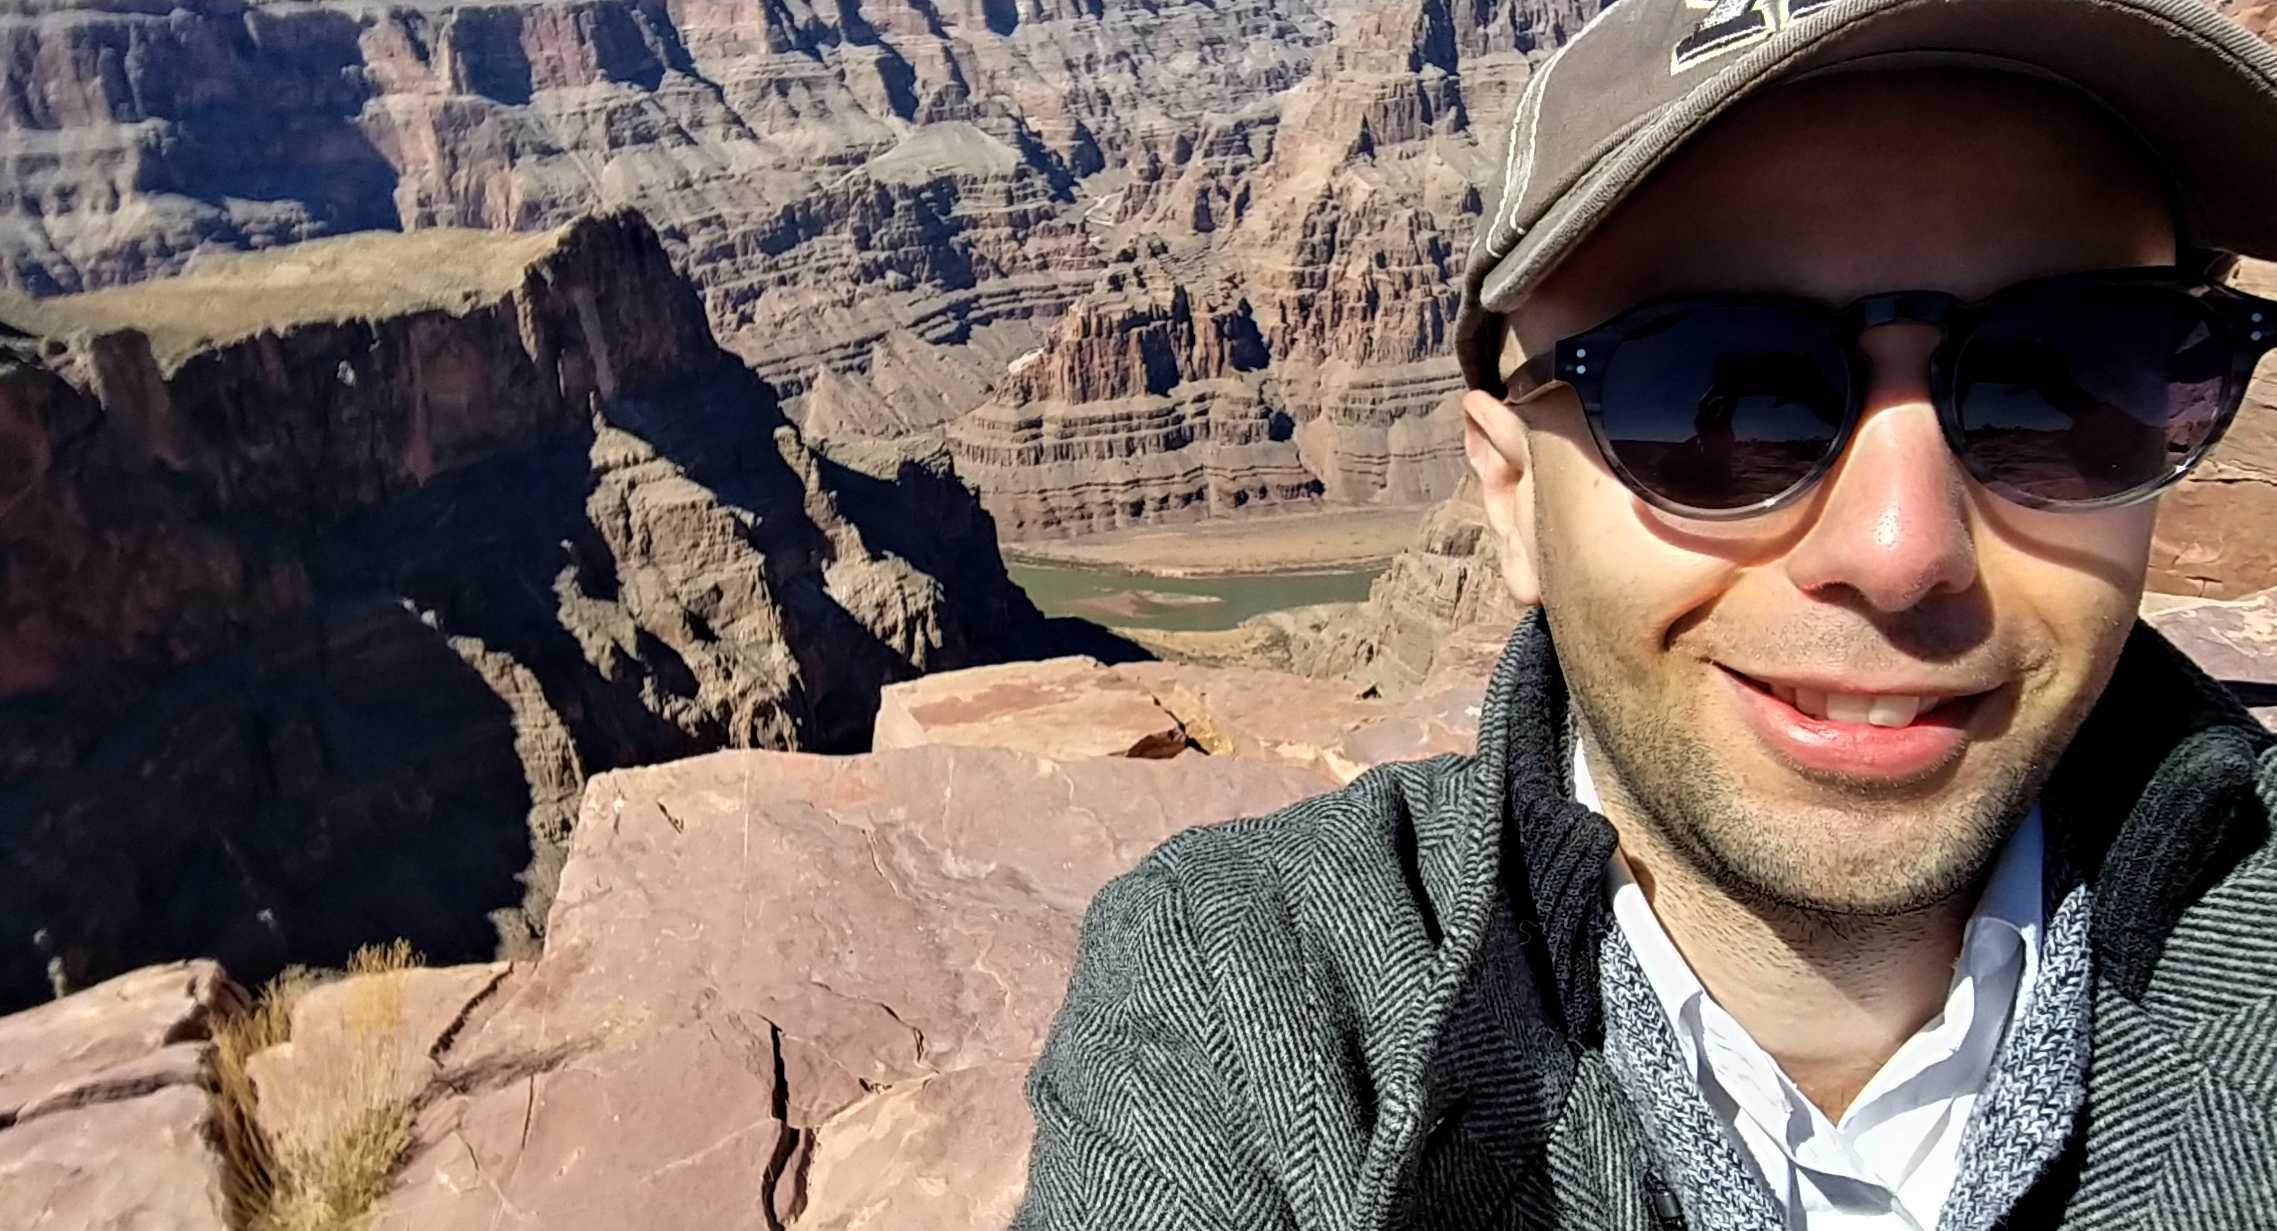 Lucio Buffalmano at the grand canyon